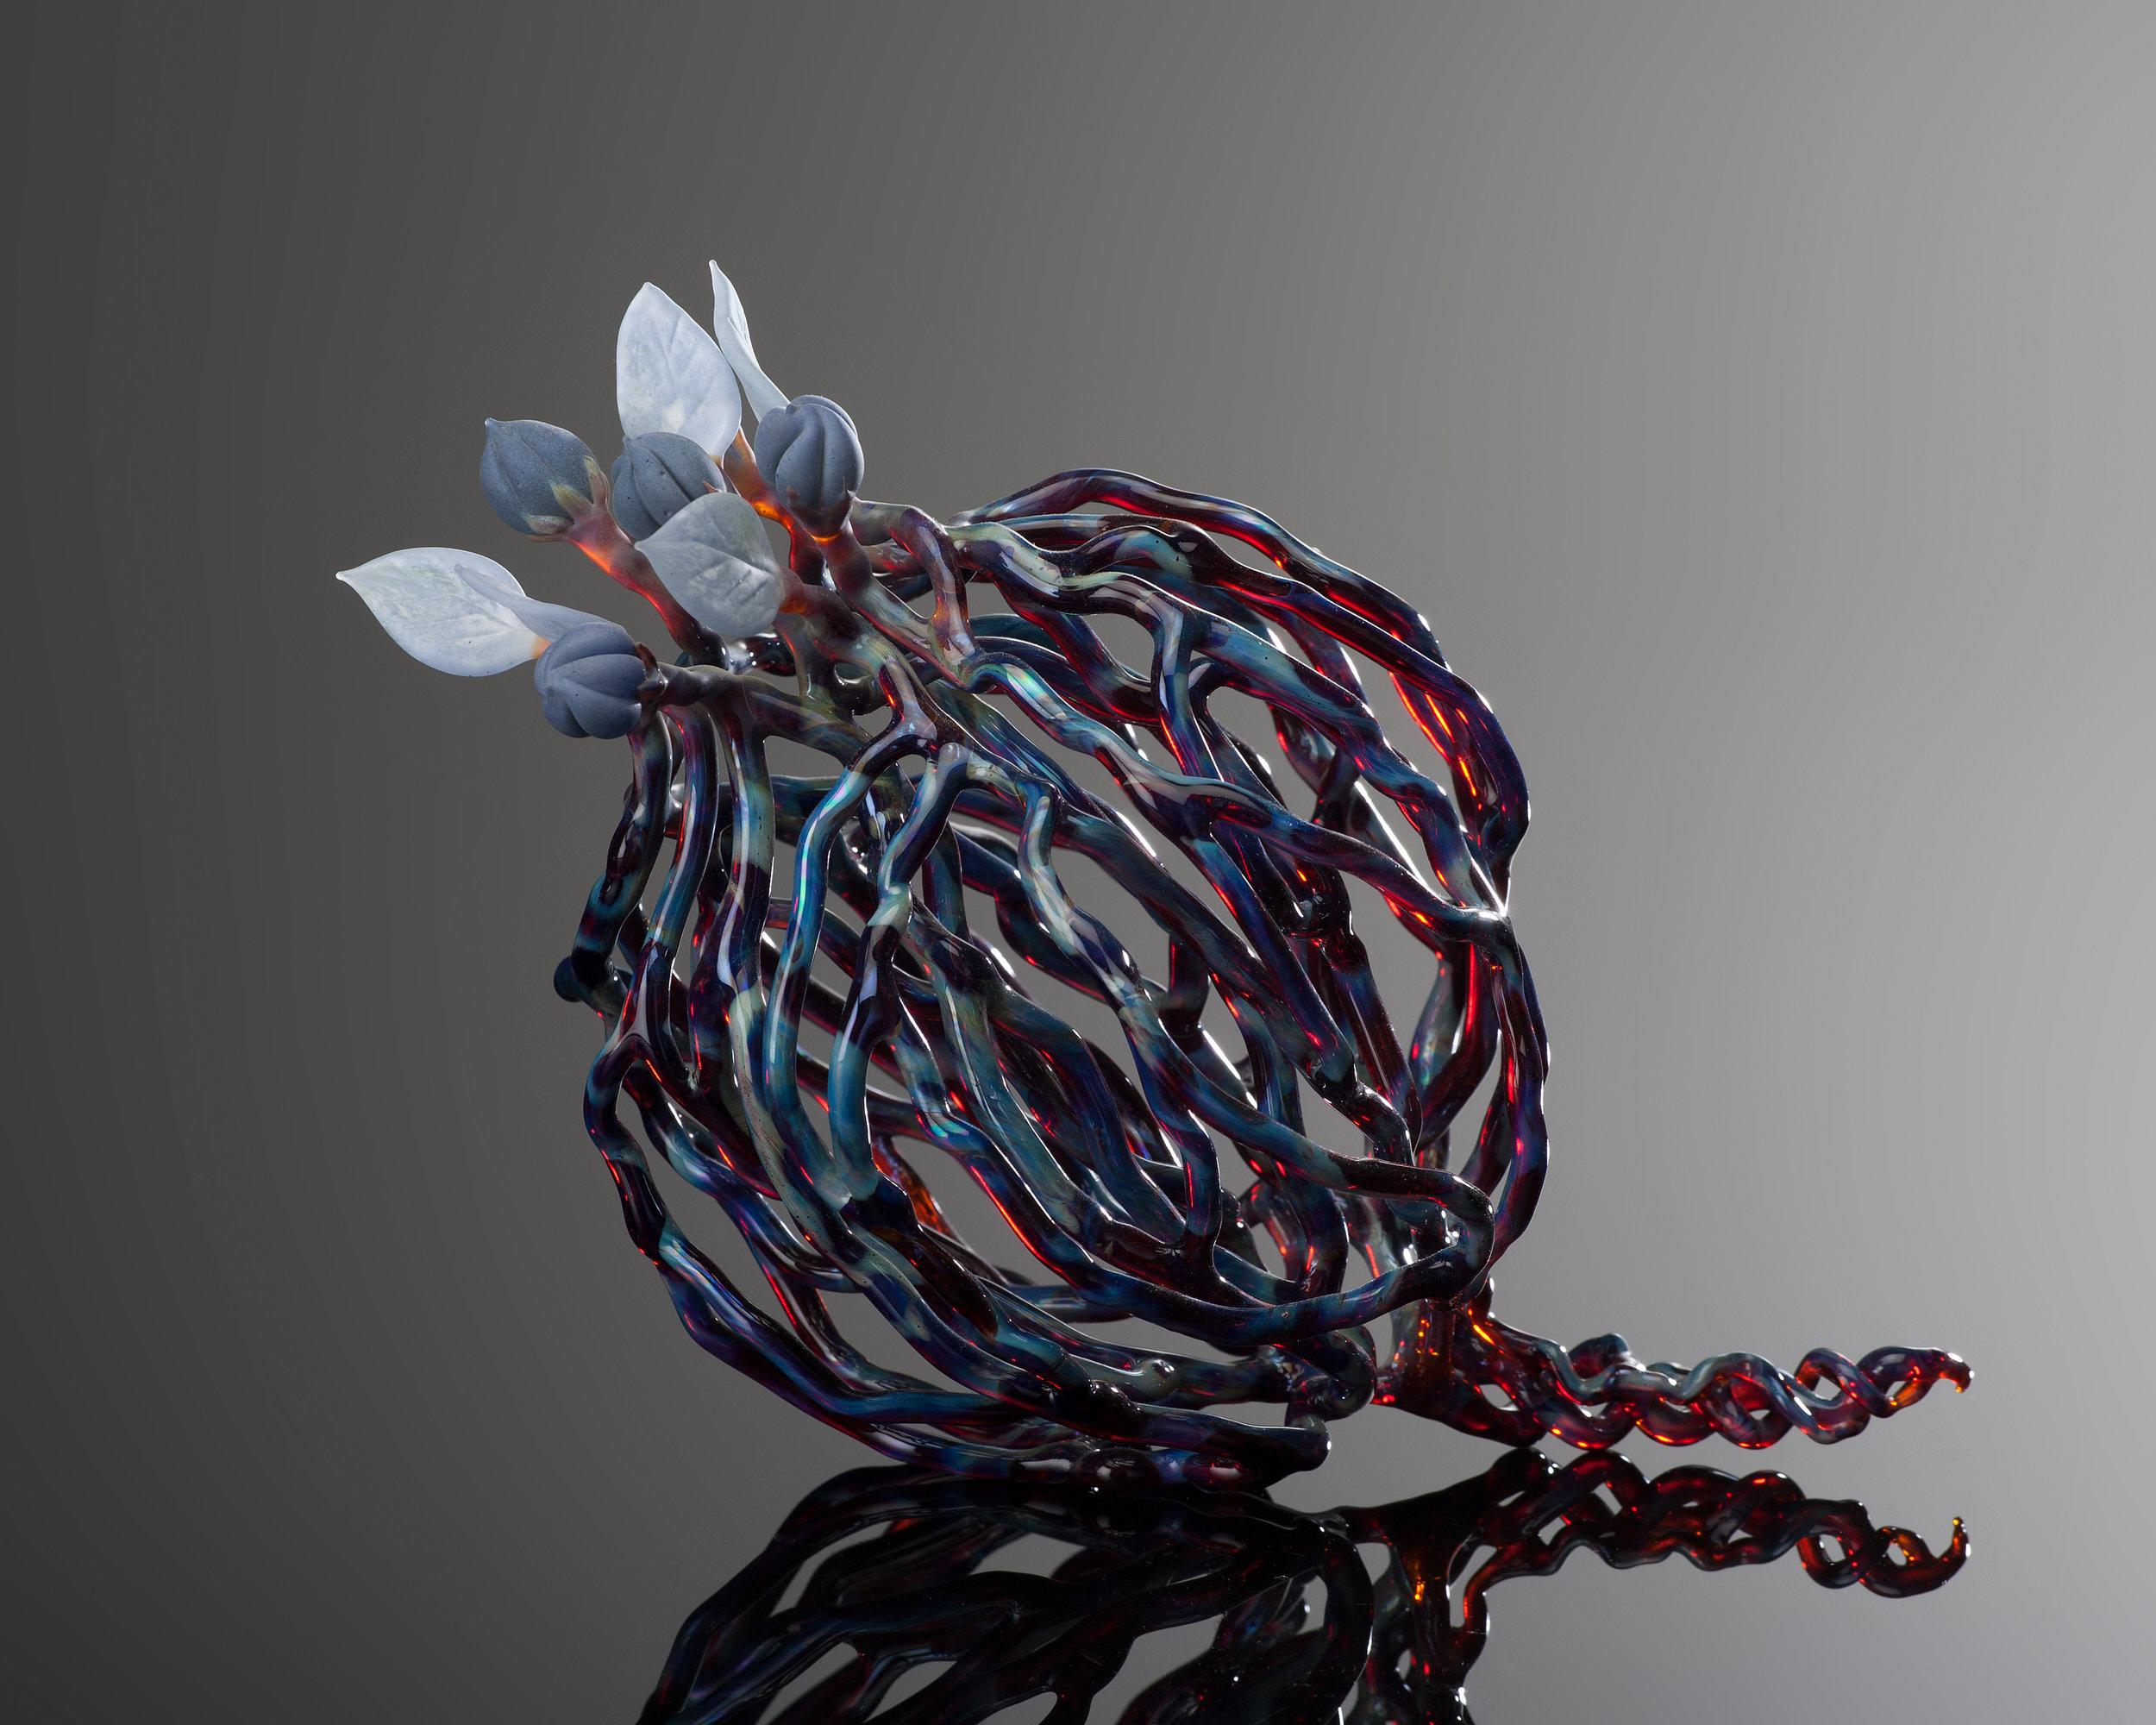 Tumbleweed from Elsewhere.jpg